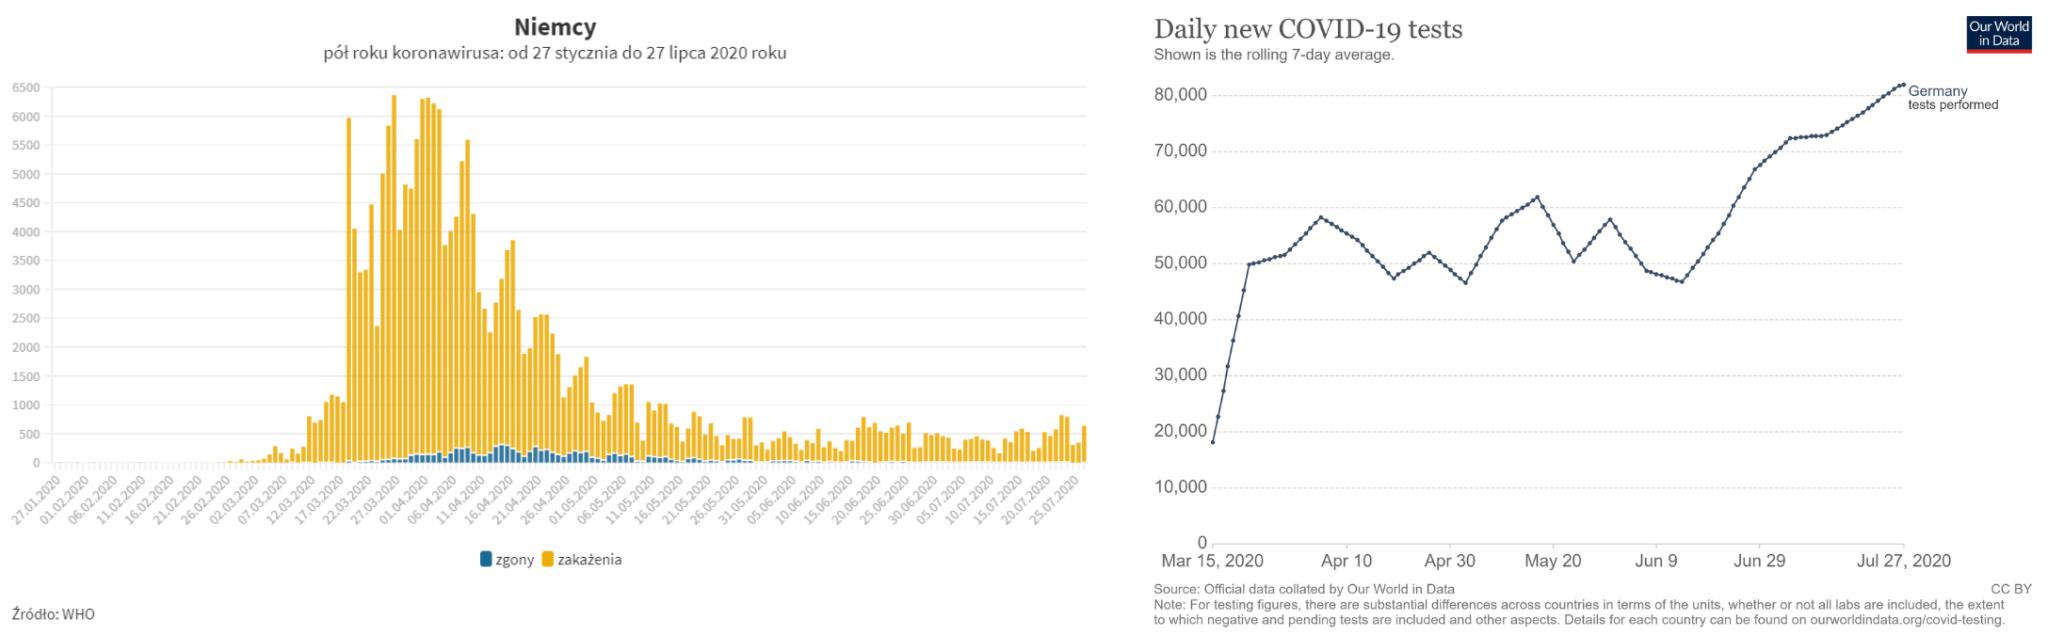 Pół roku pandemii w Niemczech: liczba zakażonych, zgonów i wykonanych testów na COVID-19